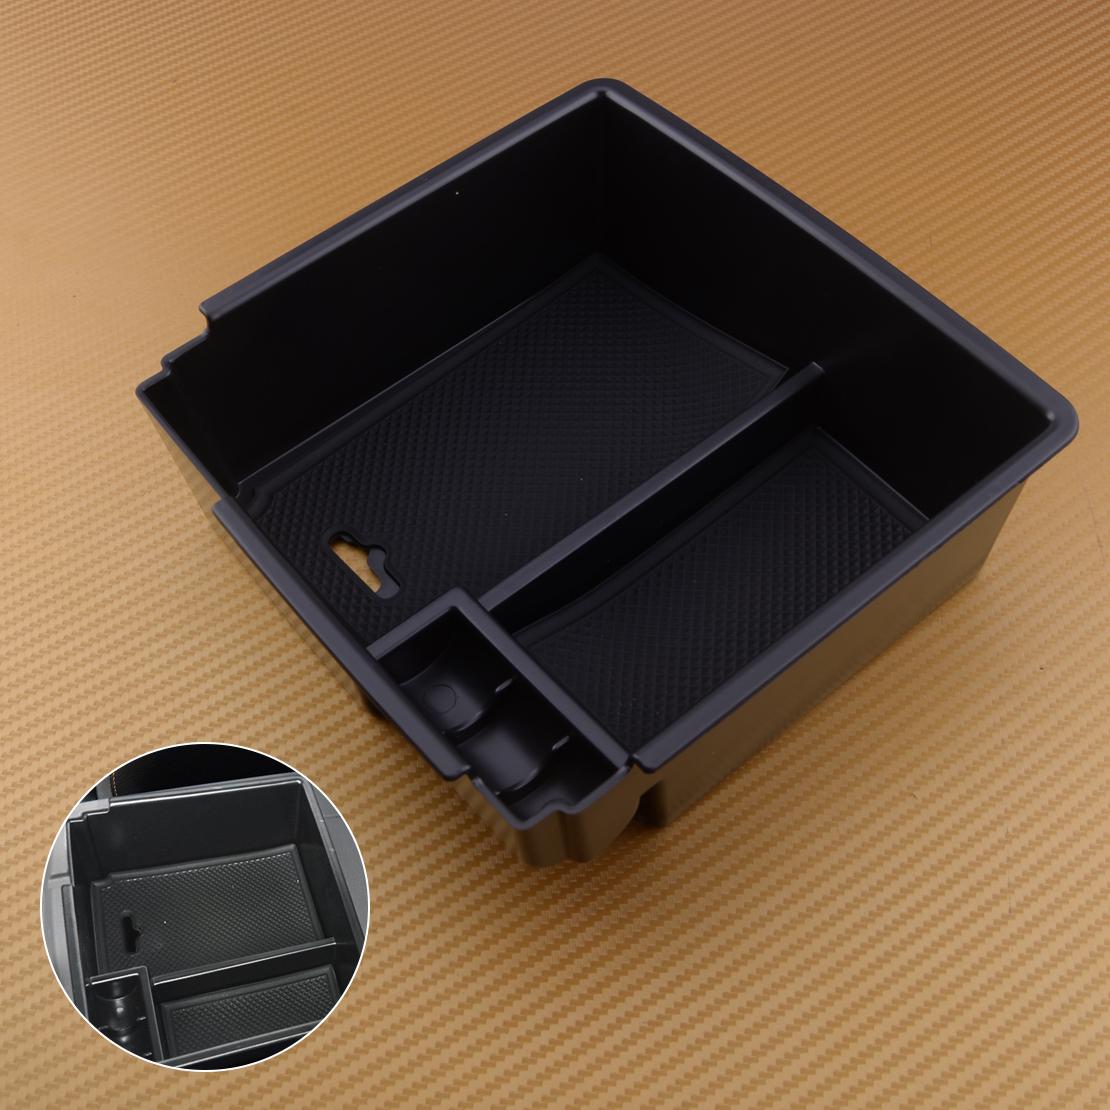 Mittelkonsole Aufbewahrungsbox Armlehne Handschuhfach Tasche für Ranger 2012-18